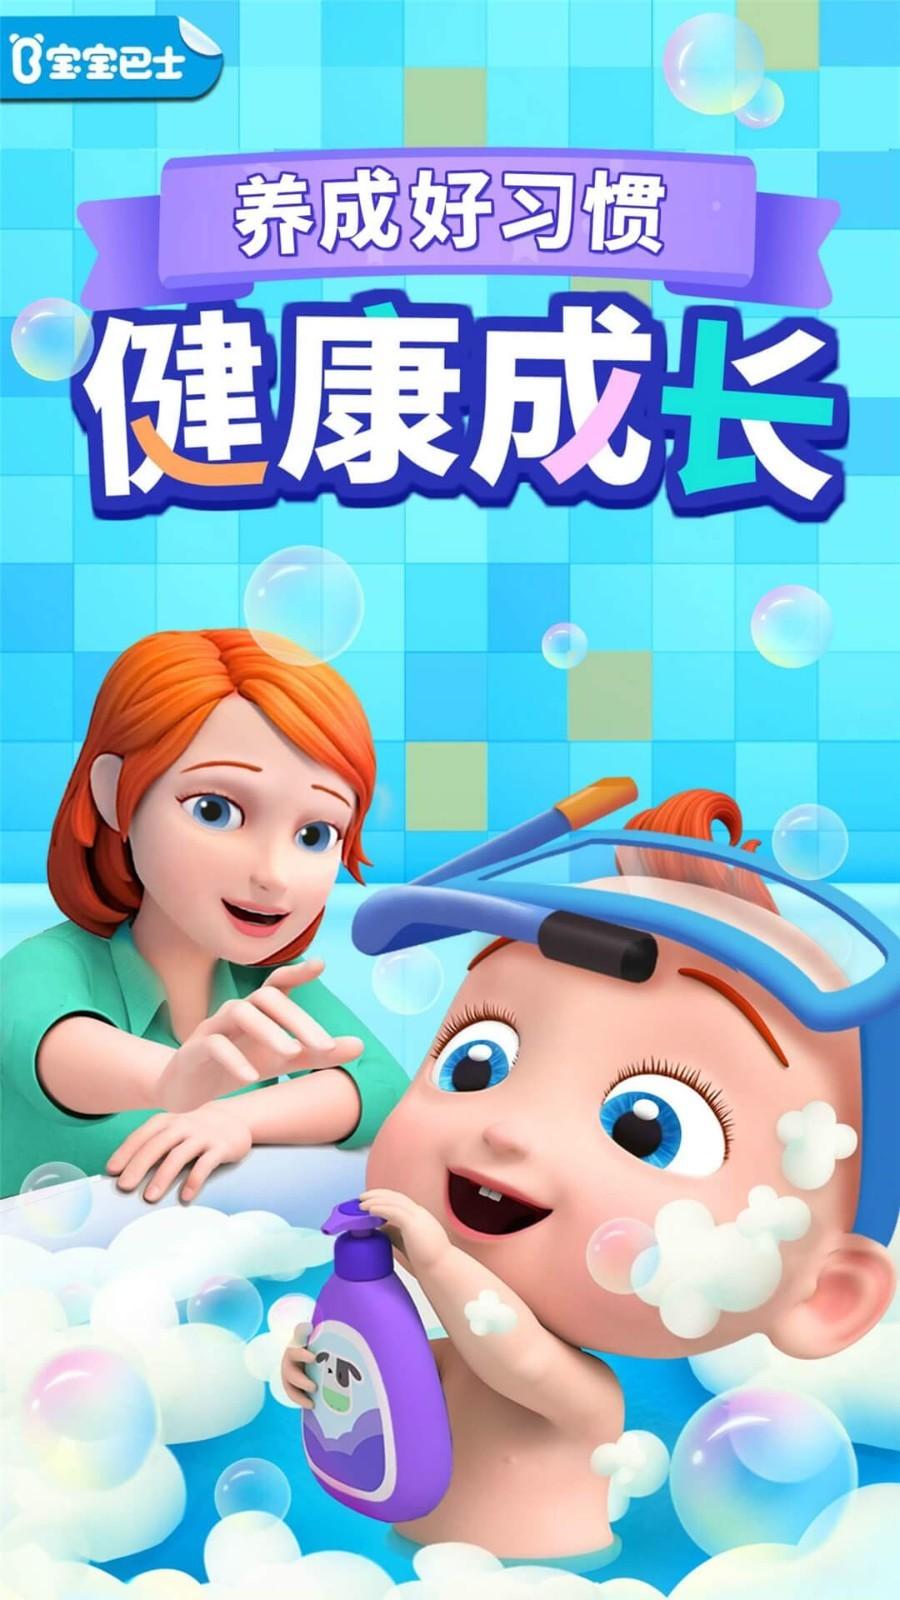 宝宝巴士无广告版 V7.5.4 安卓版截图4